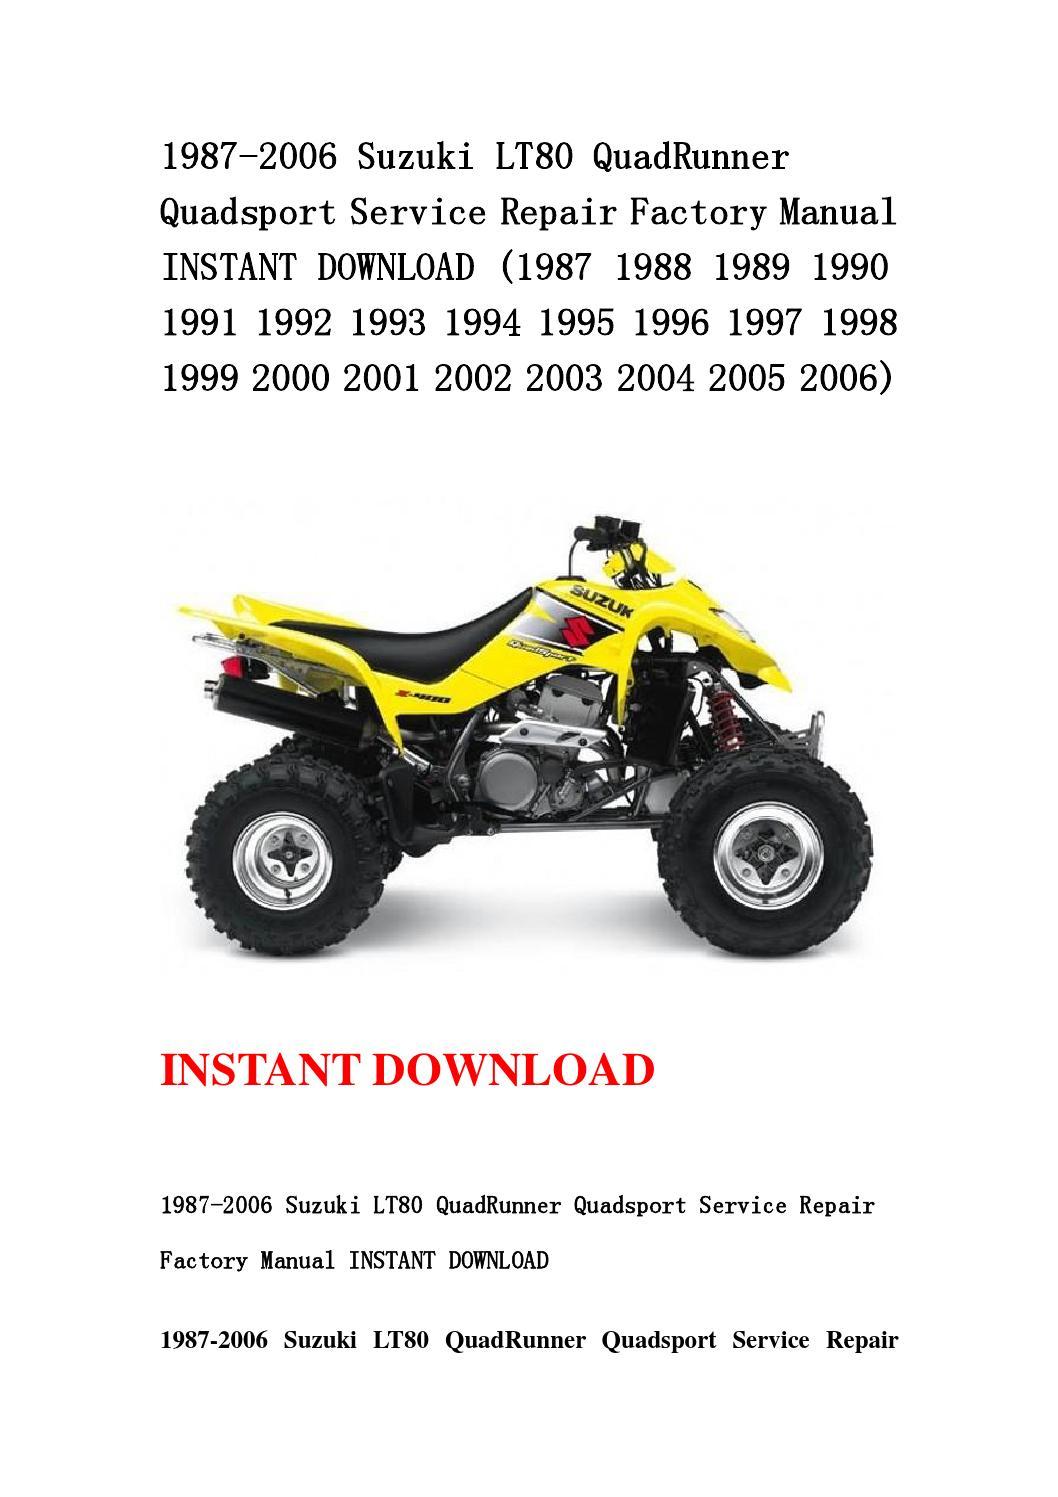 2001 Suzuki lt80 manual